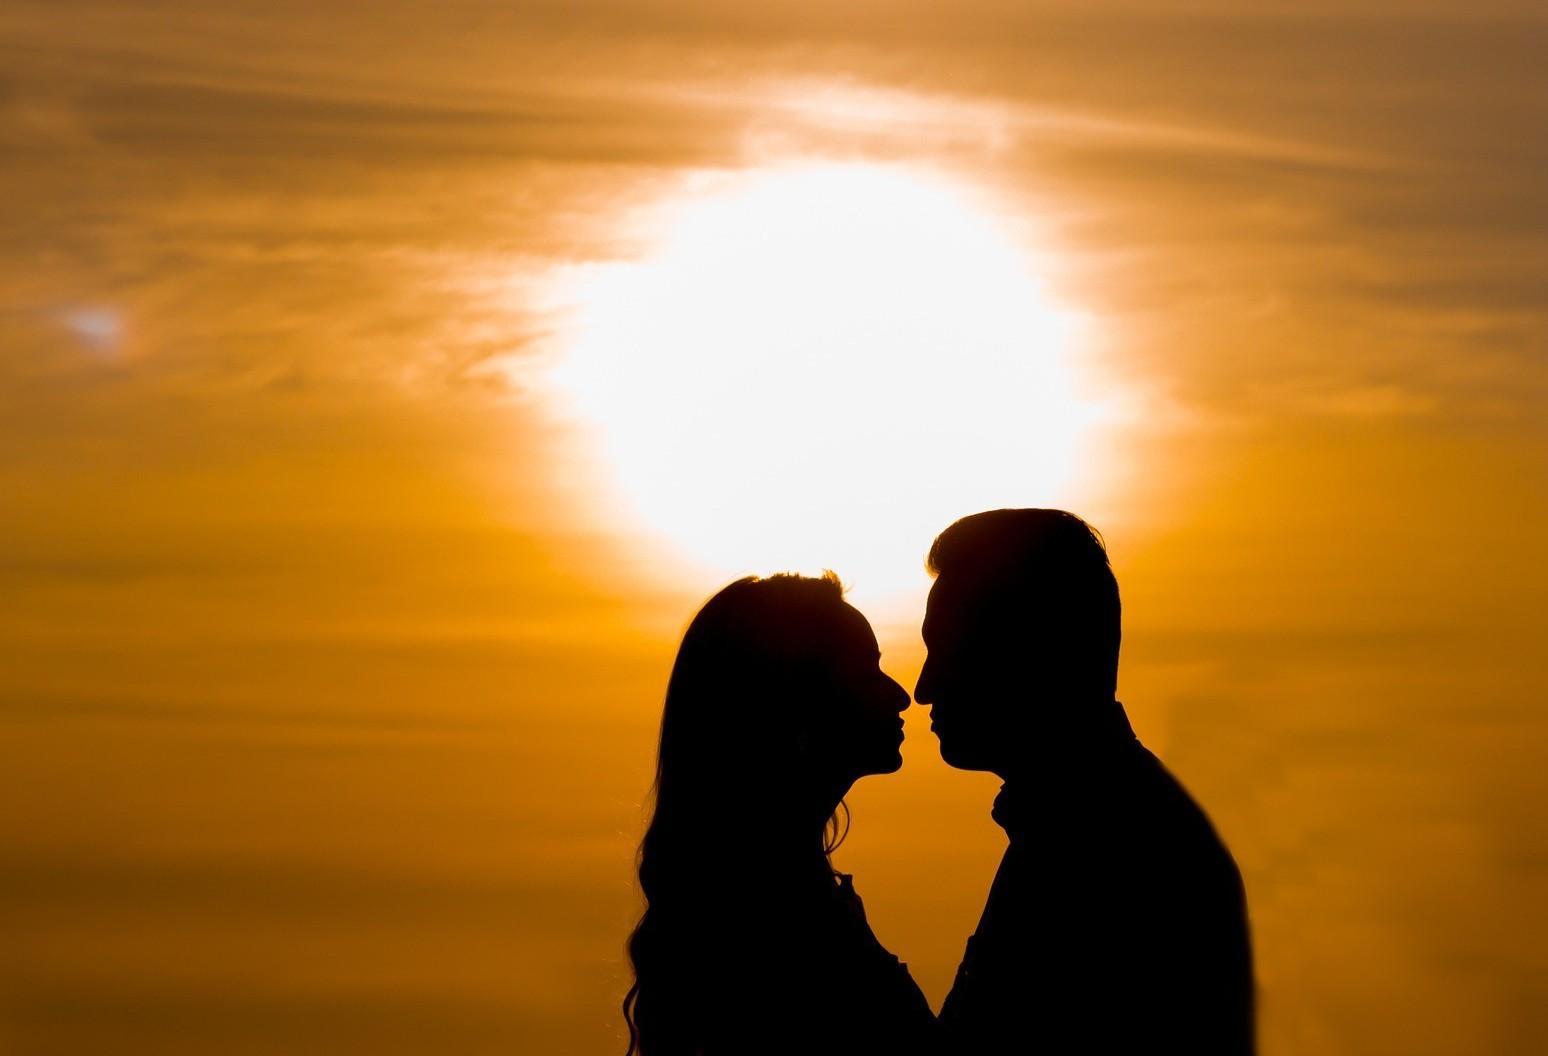 Empresas e entidades cascavelenses se unem em campanha para fortalecer o comércio local neste Dia dos Namorados